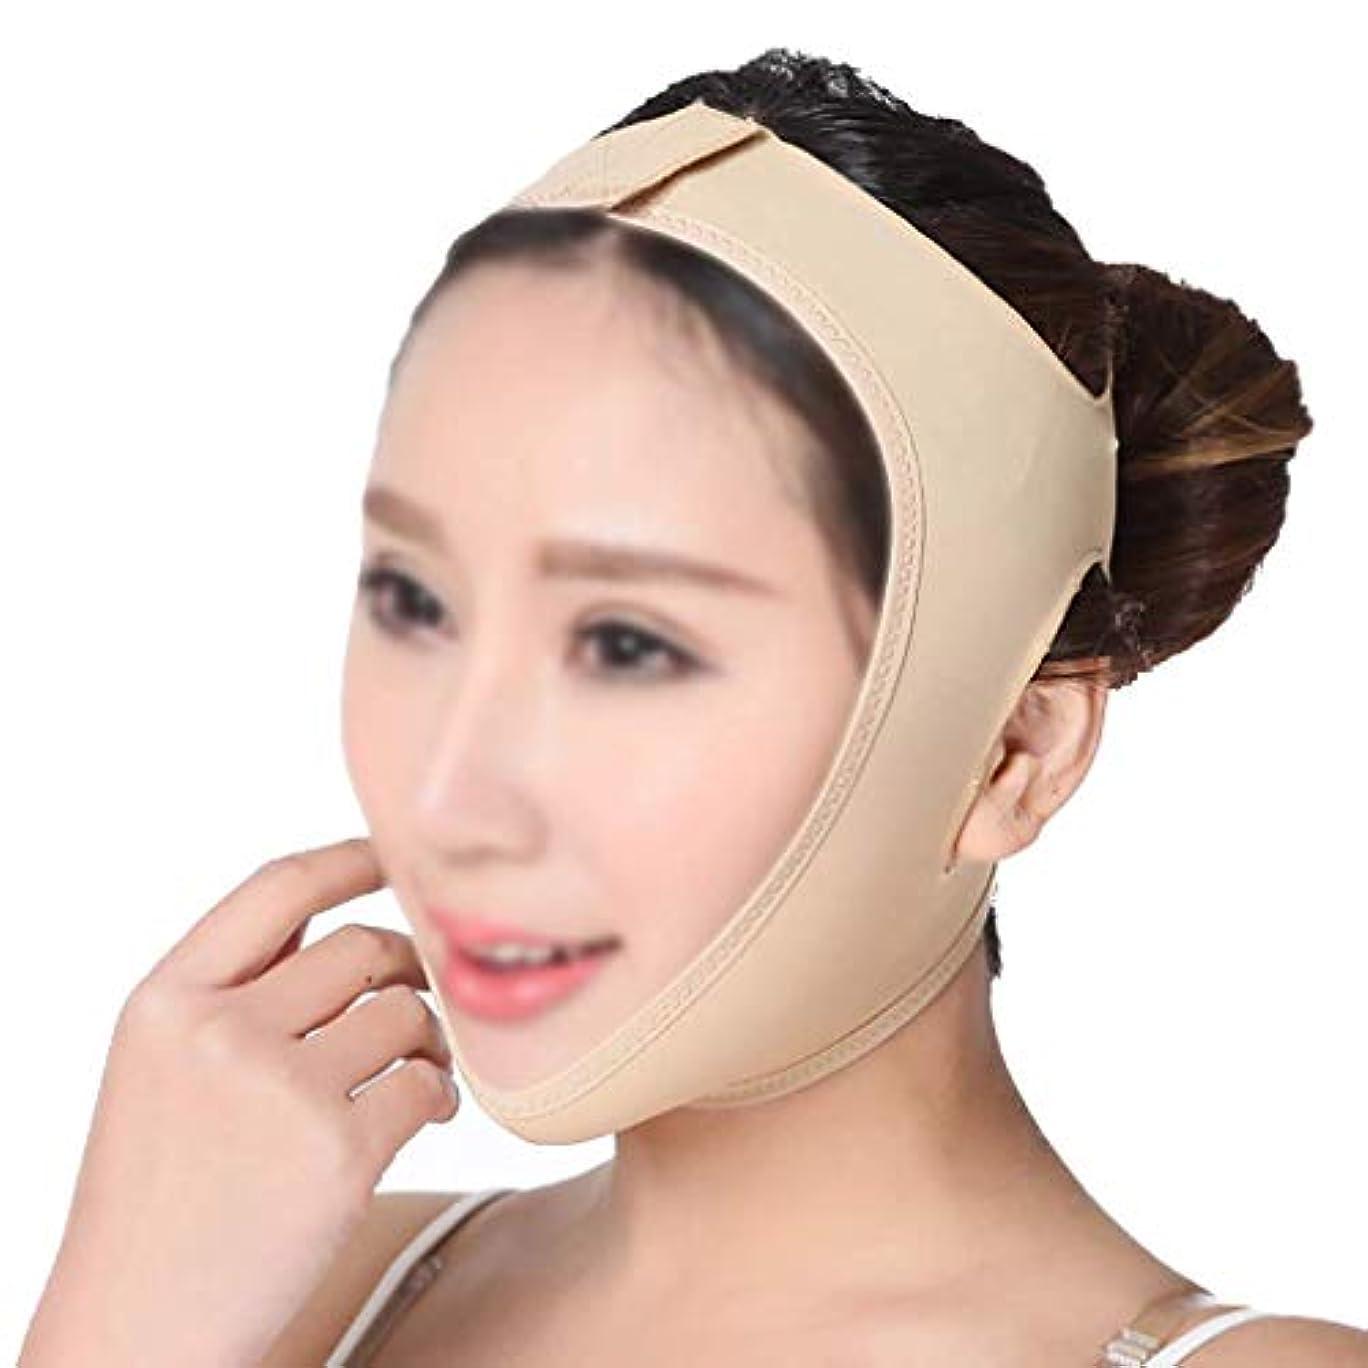 一口赤面スピリチュアルフェイスリフティングマスク、持ち上がるあごと顔の肌、垂れ下がるのを防ぐ頬、快適で通気性のある生地、詰め物にすることを拒否、着用しやすい(サイズ:XL)